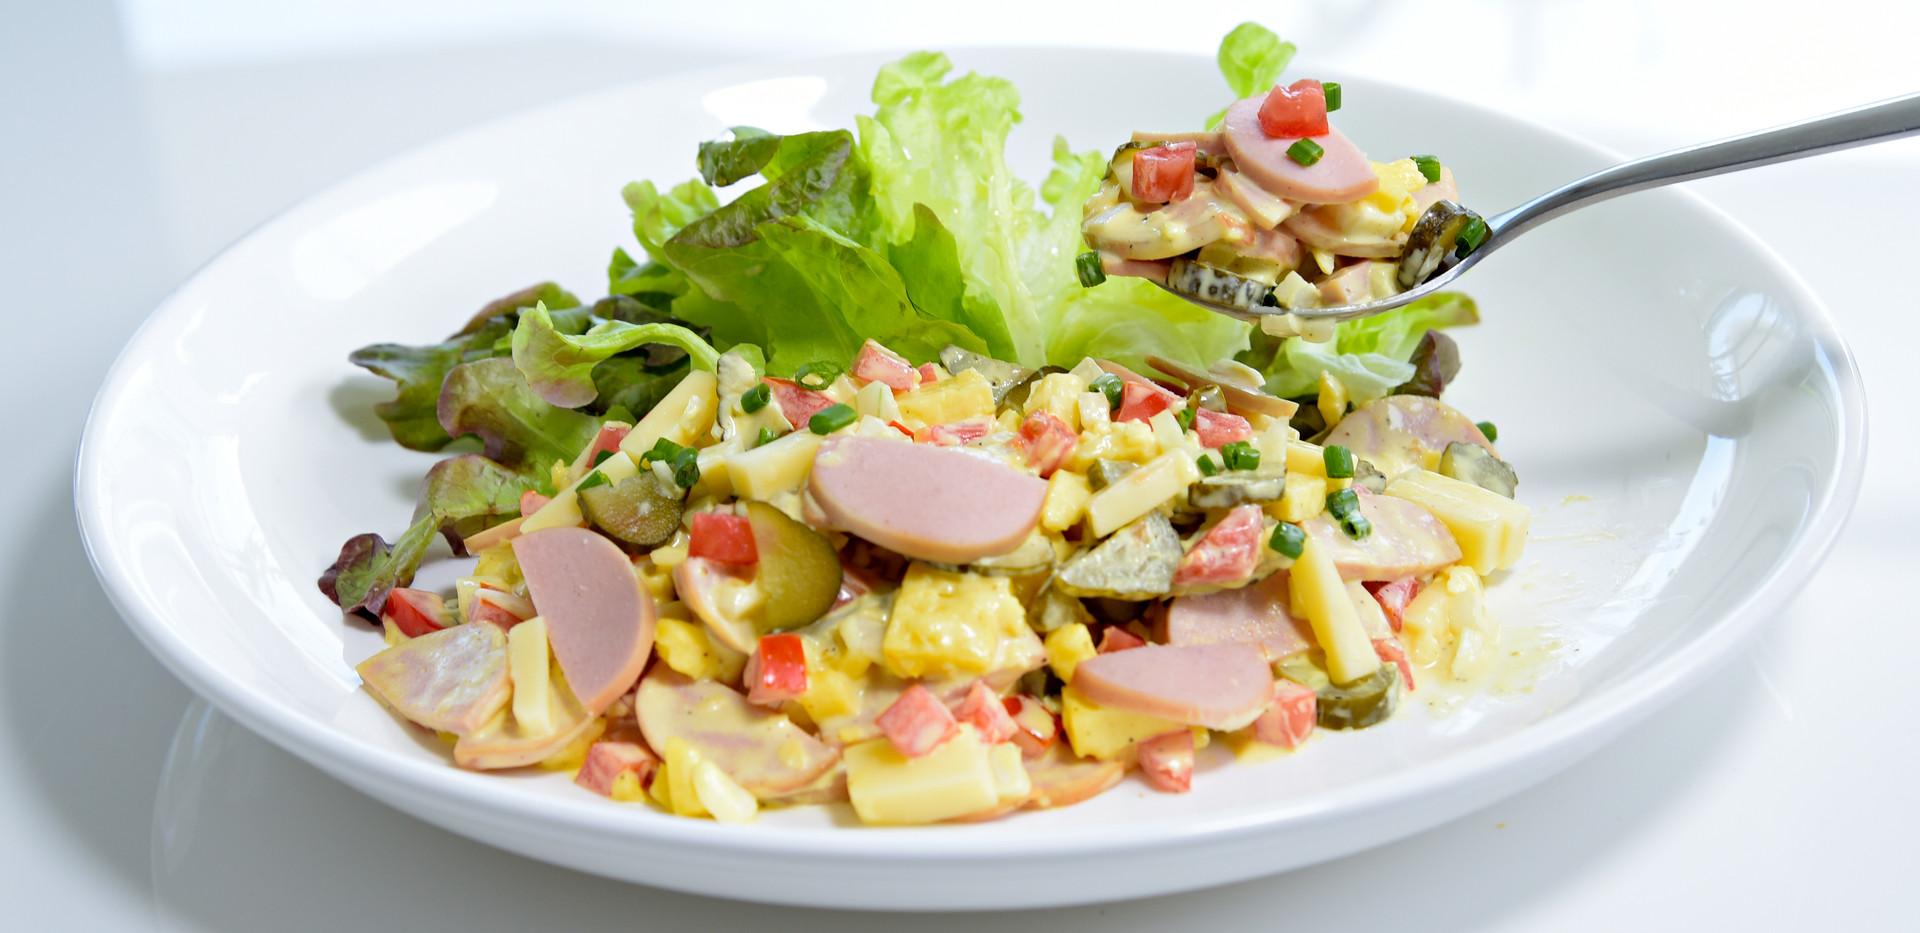 wurst käse salad